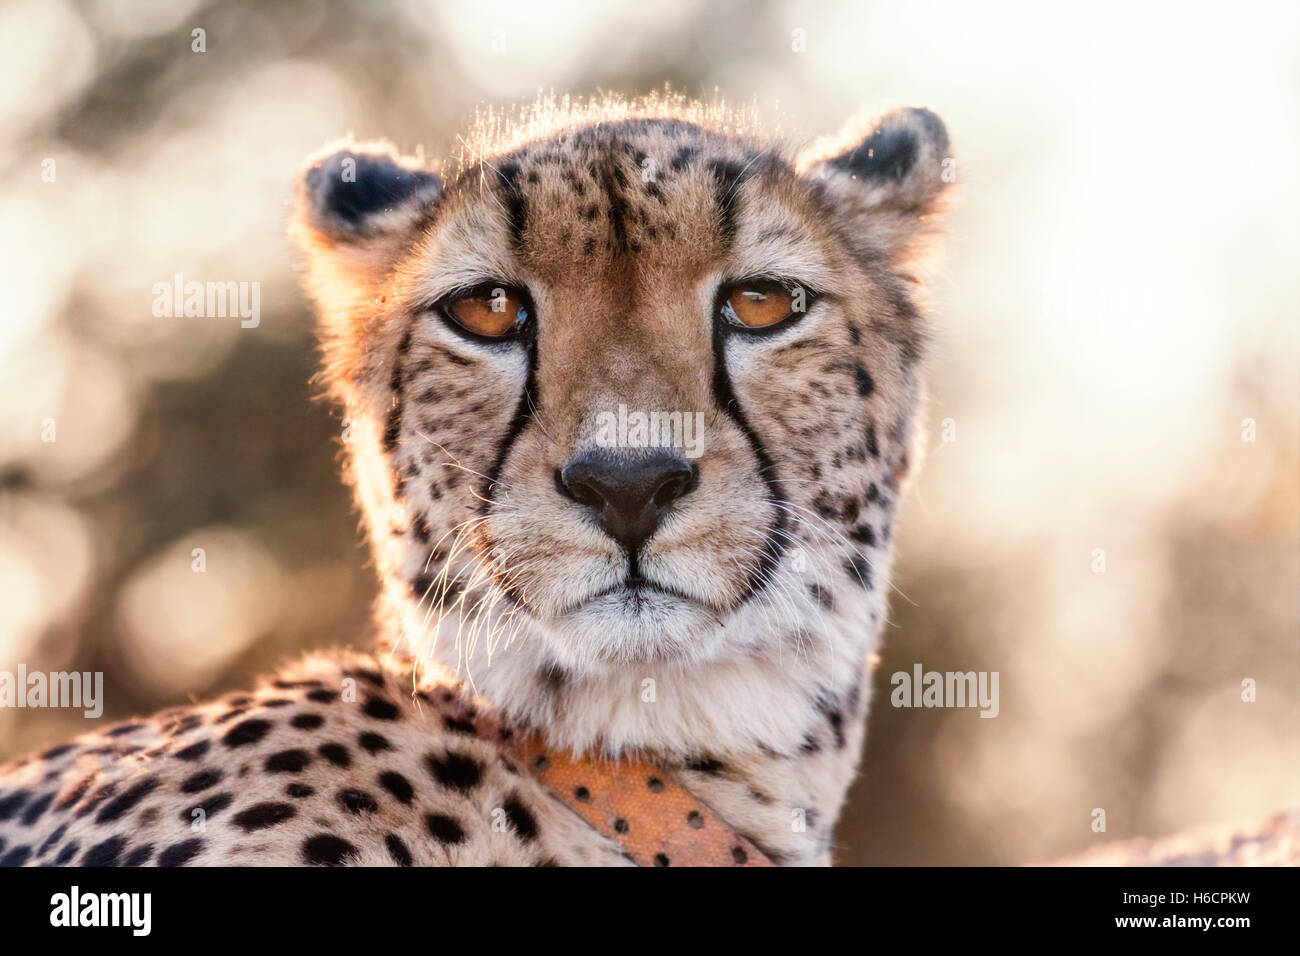 Crisp cálida foto de guepardo con un remitente mirando la cámara Imagen De Stock